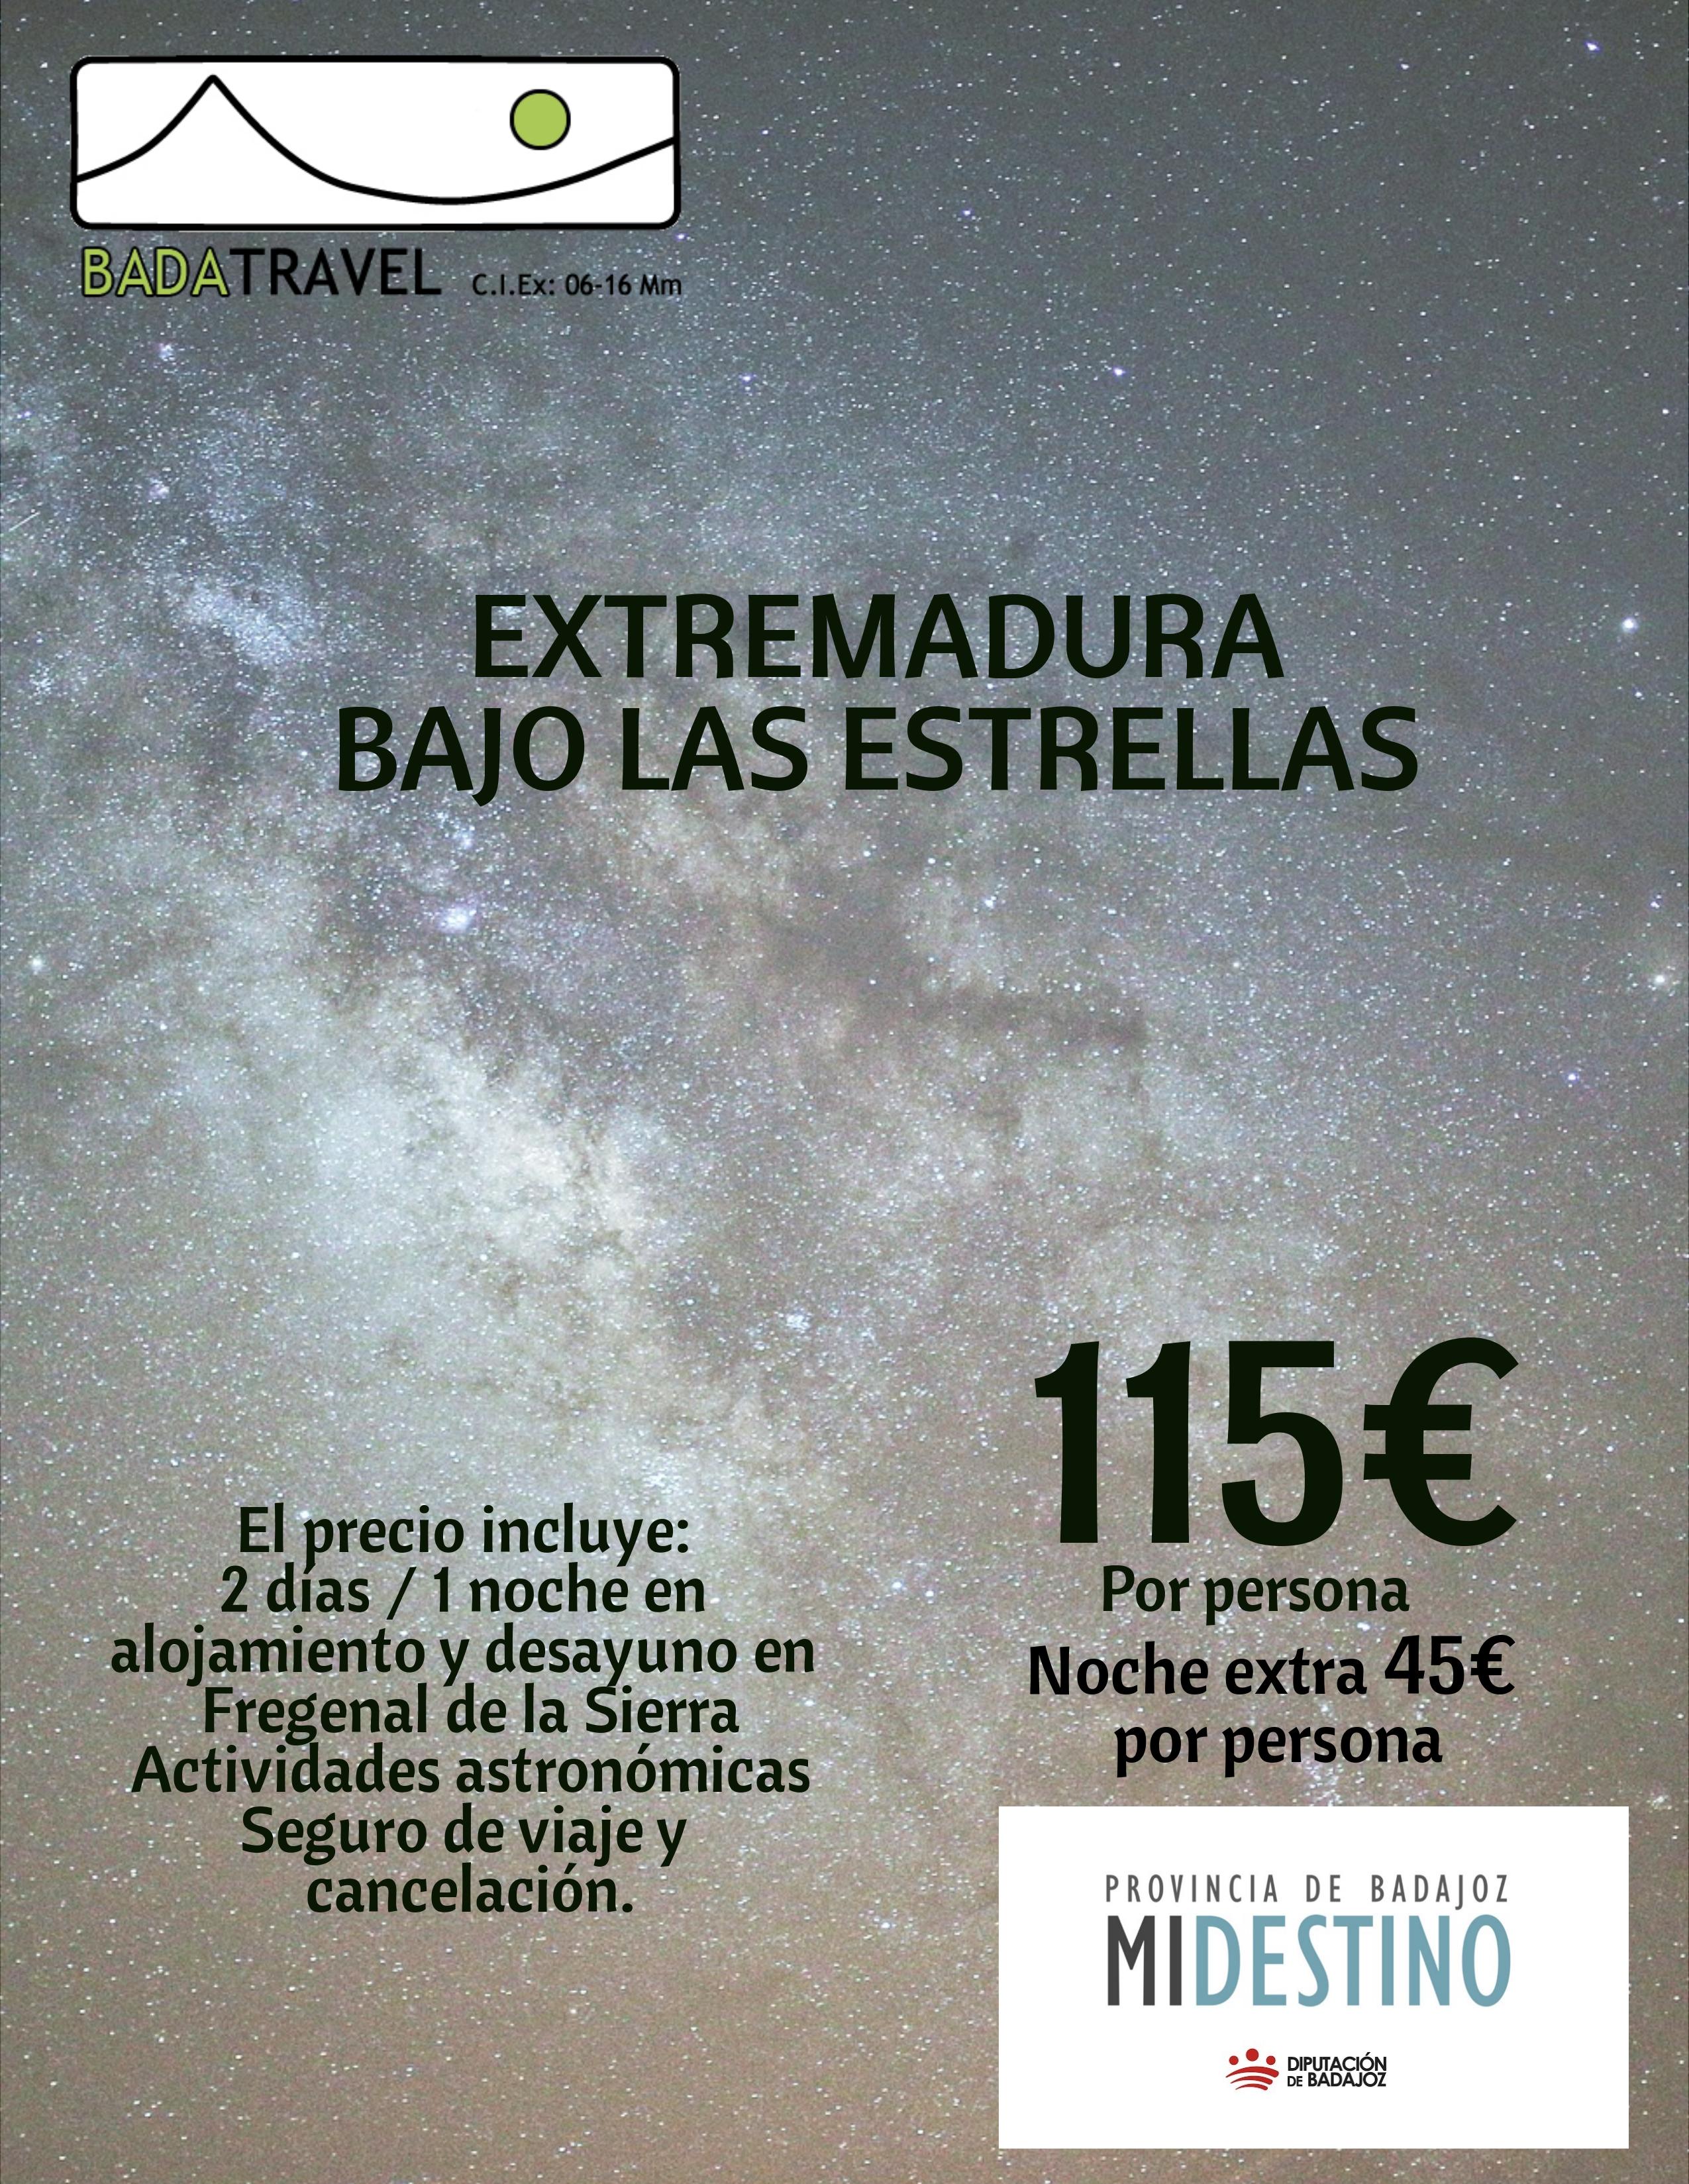 Extremadura bajo las estrellas